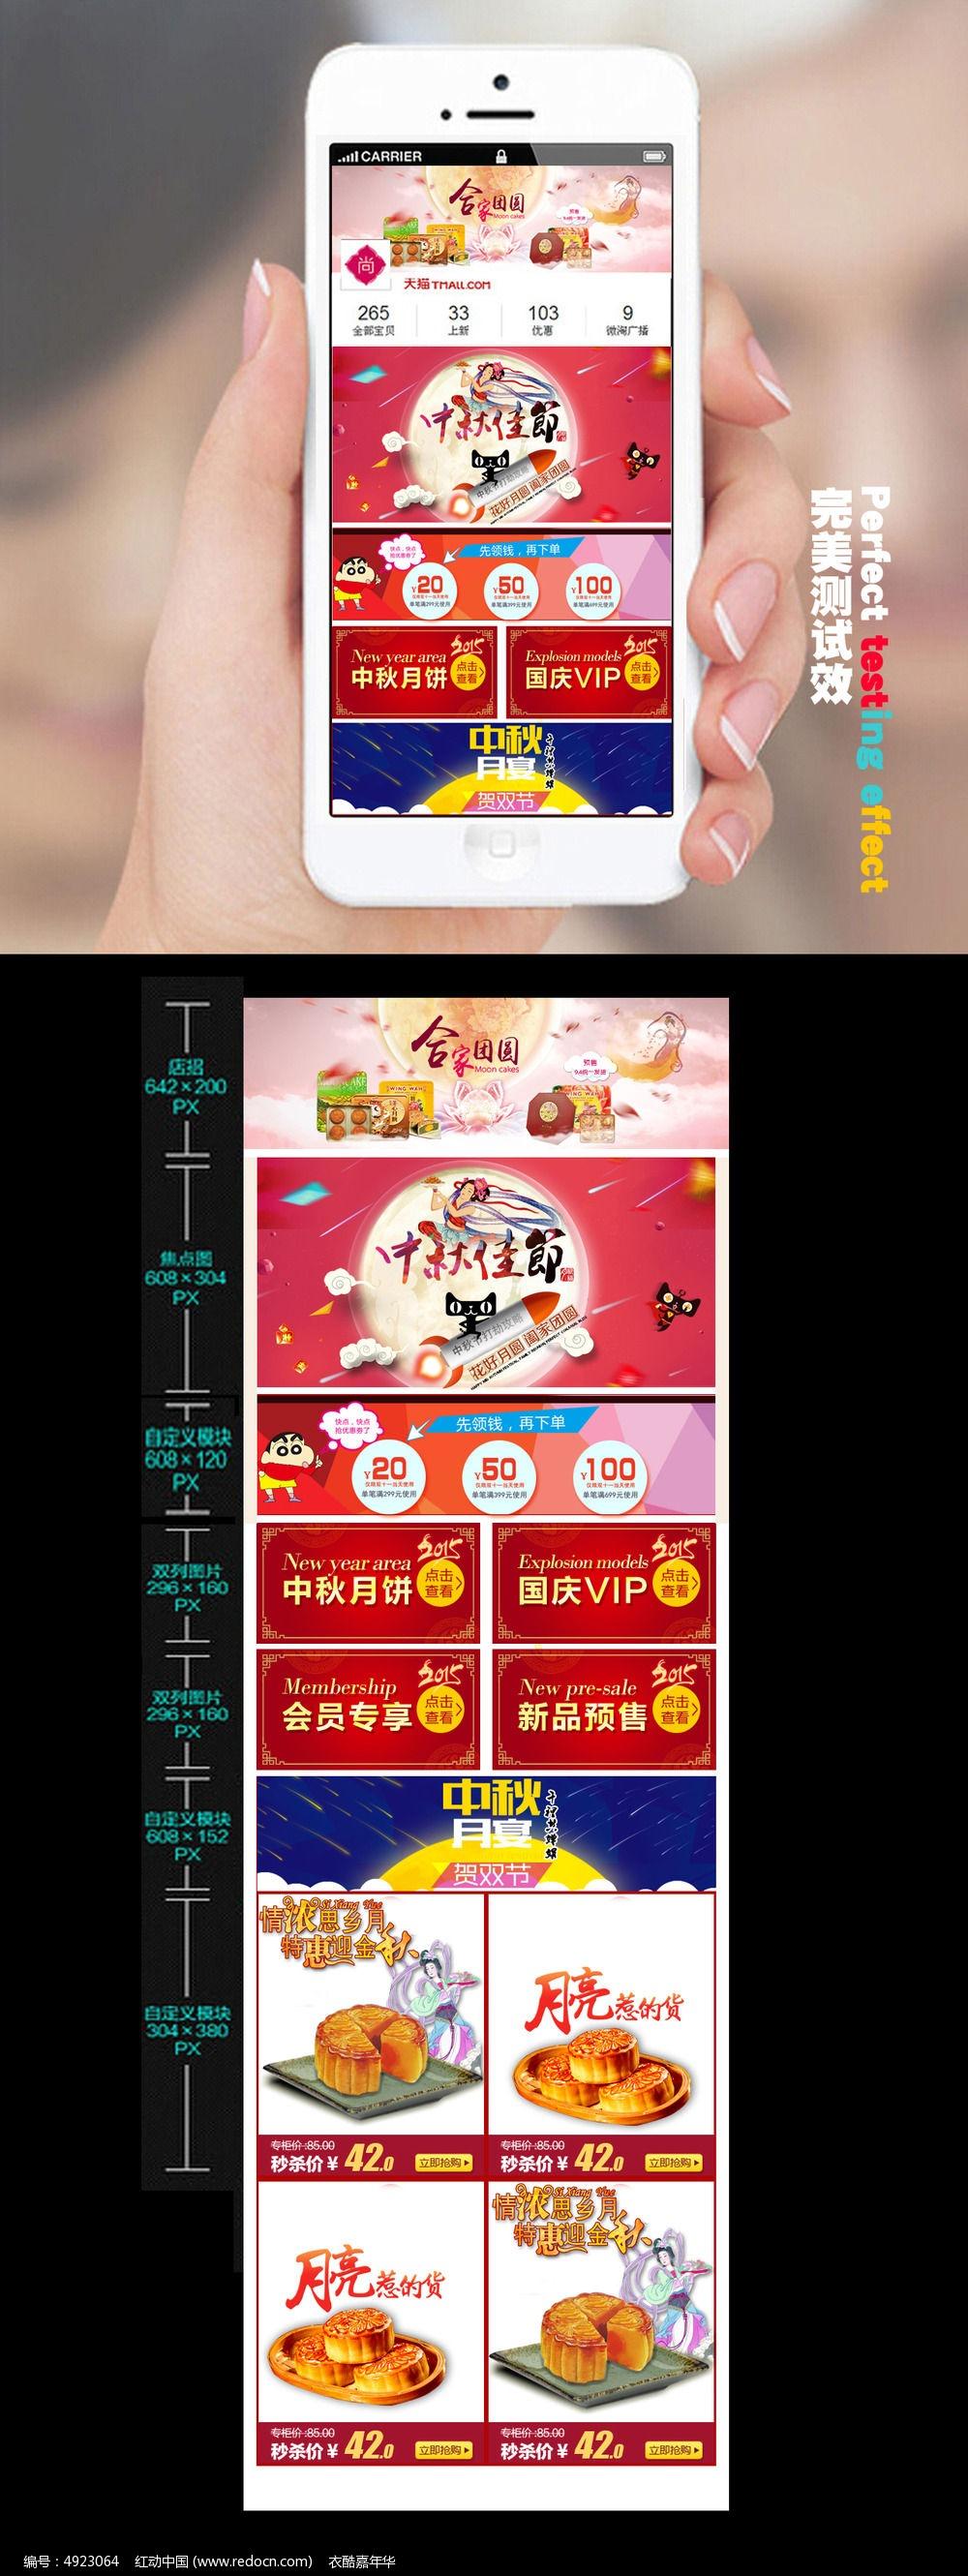 原创设计稿 手机端素材 淘宝手机店铺 淘宝天猫中秋节店铺装修模板图片